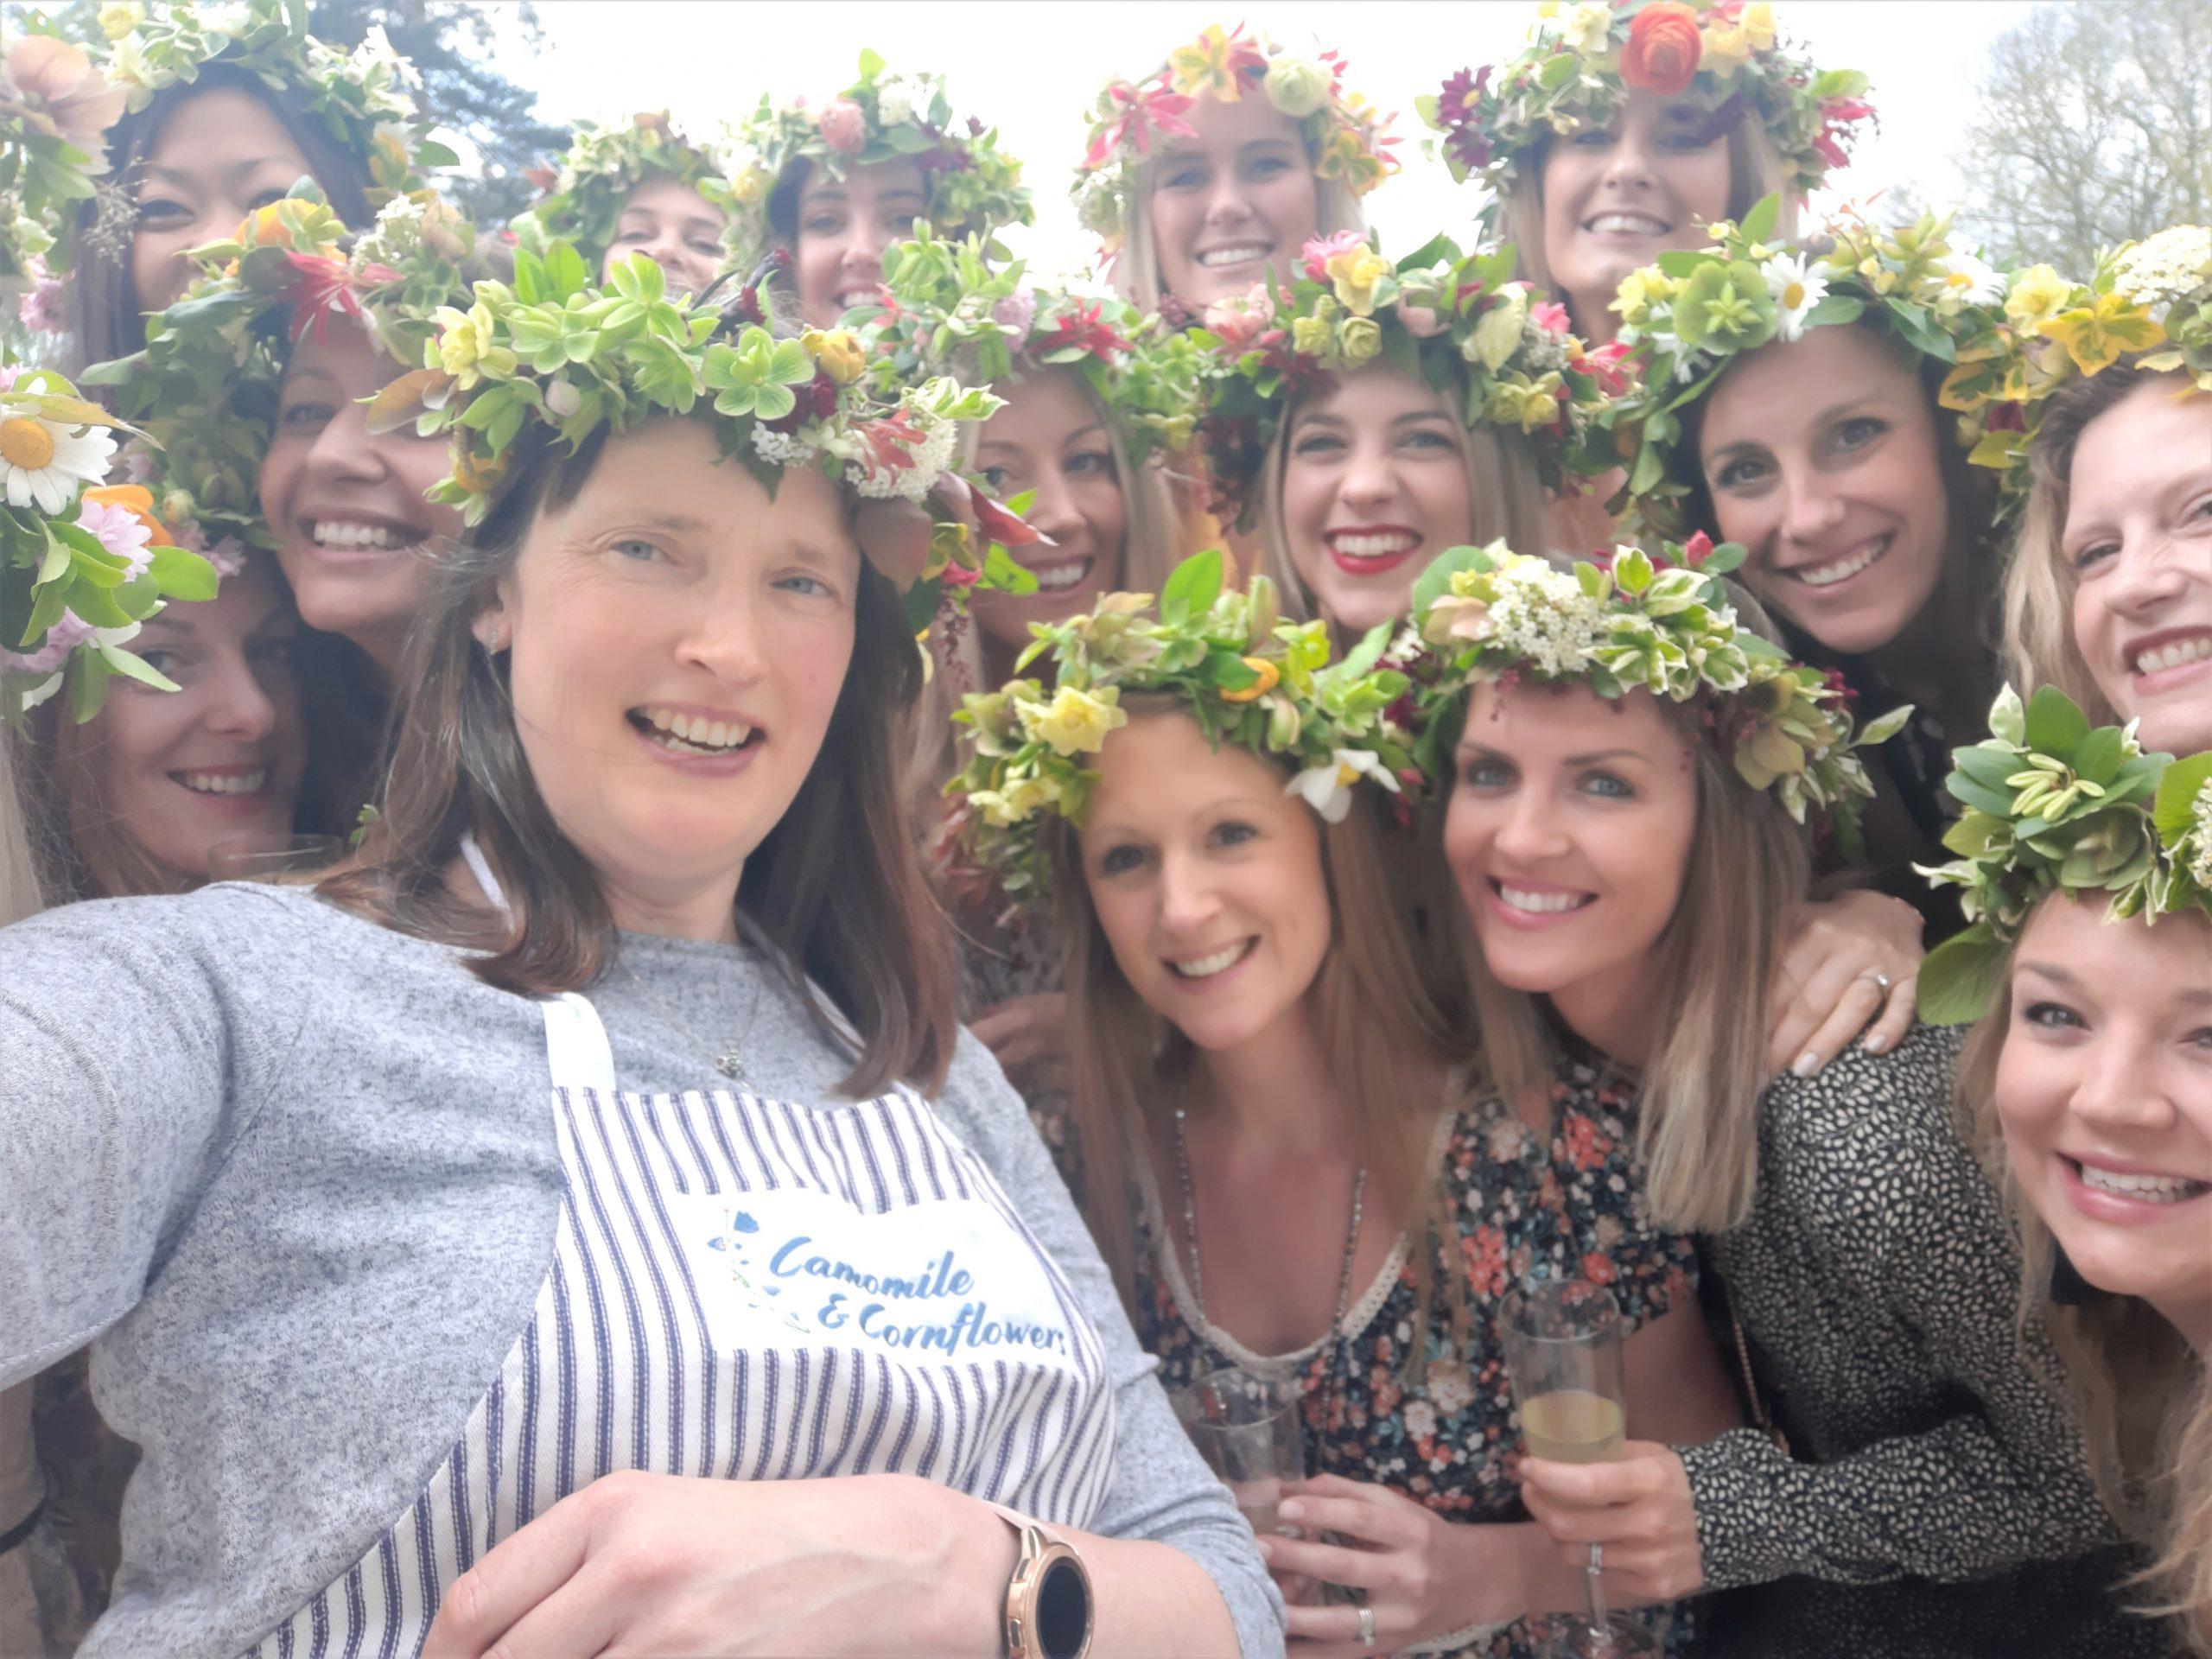 Camomoile Cornflowers Flower Crown Workshop